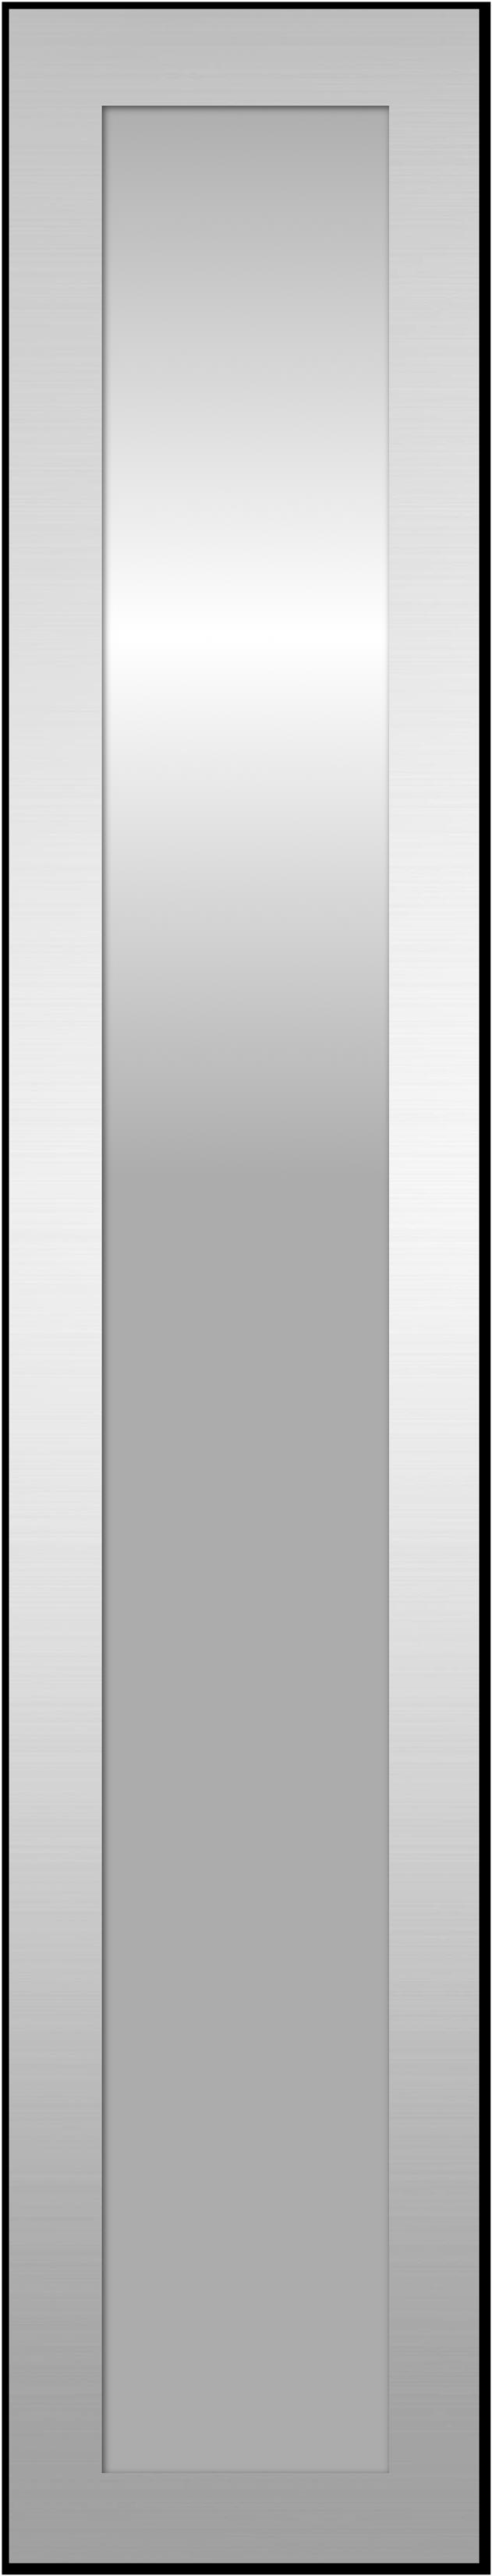 Zrcadlové sklo pro vchodové dveøe Hevelio